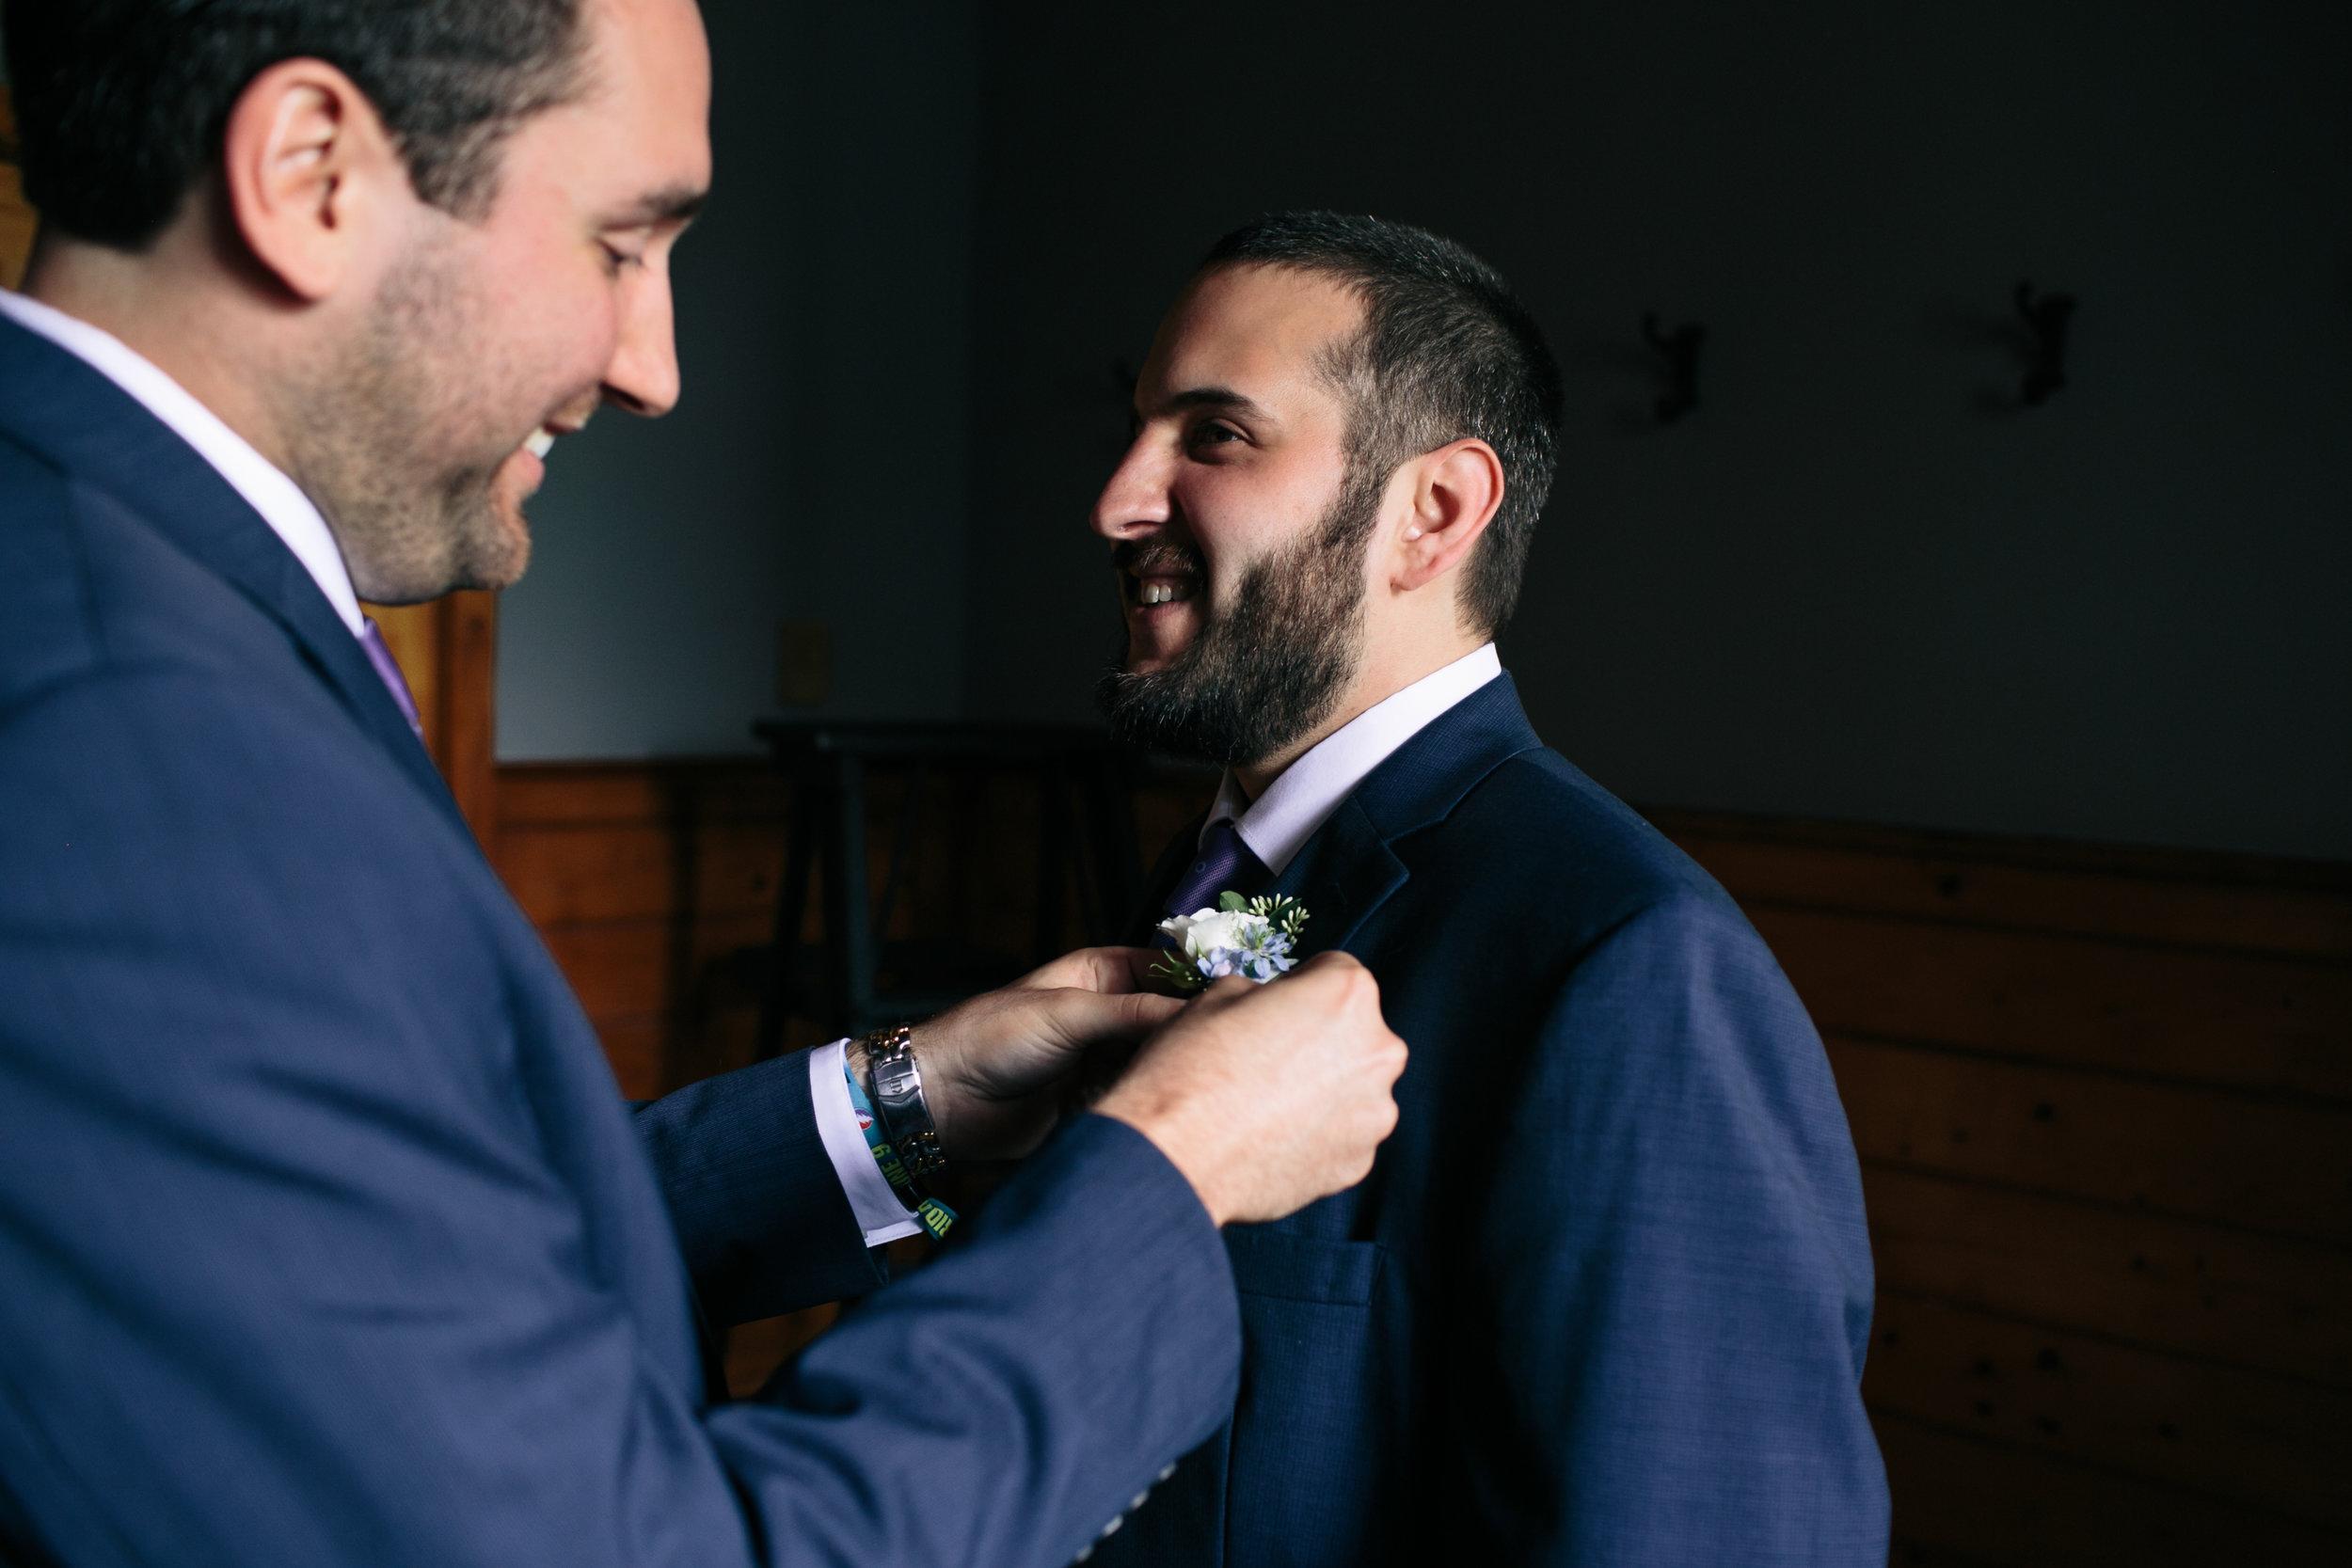 096_Jared_Kristen_wedding.jpg